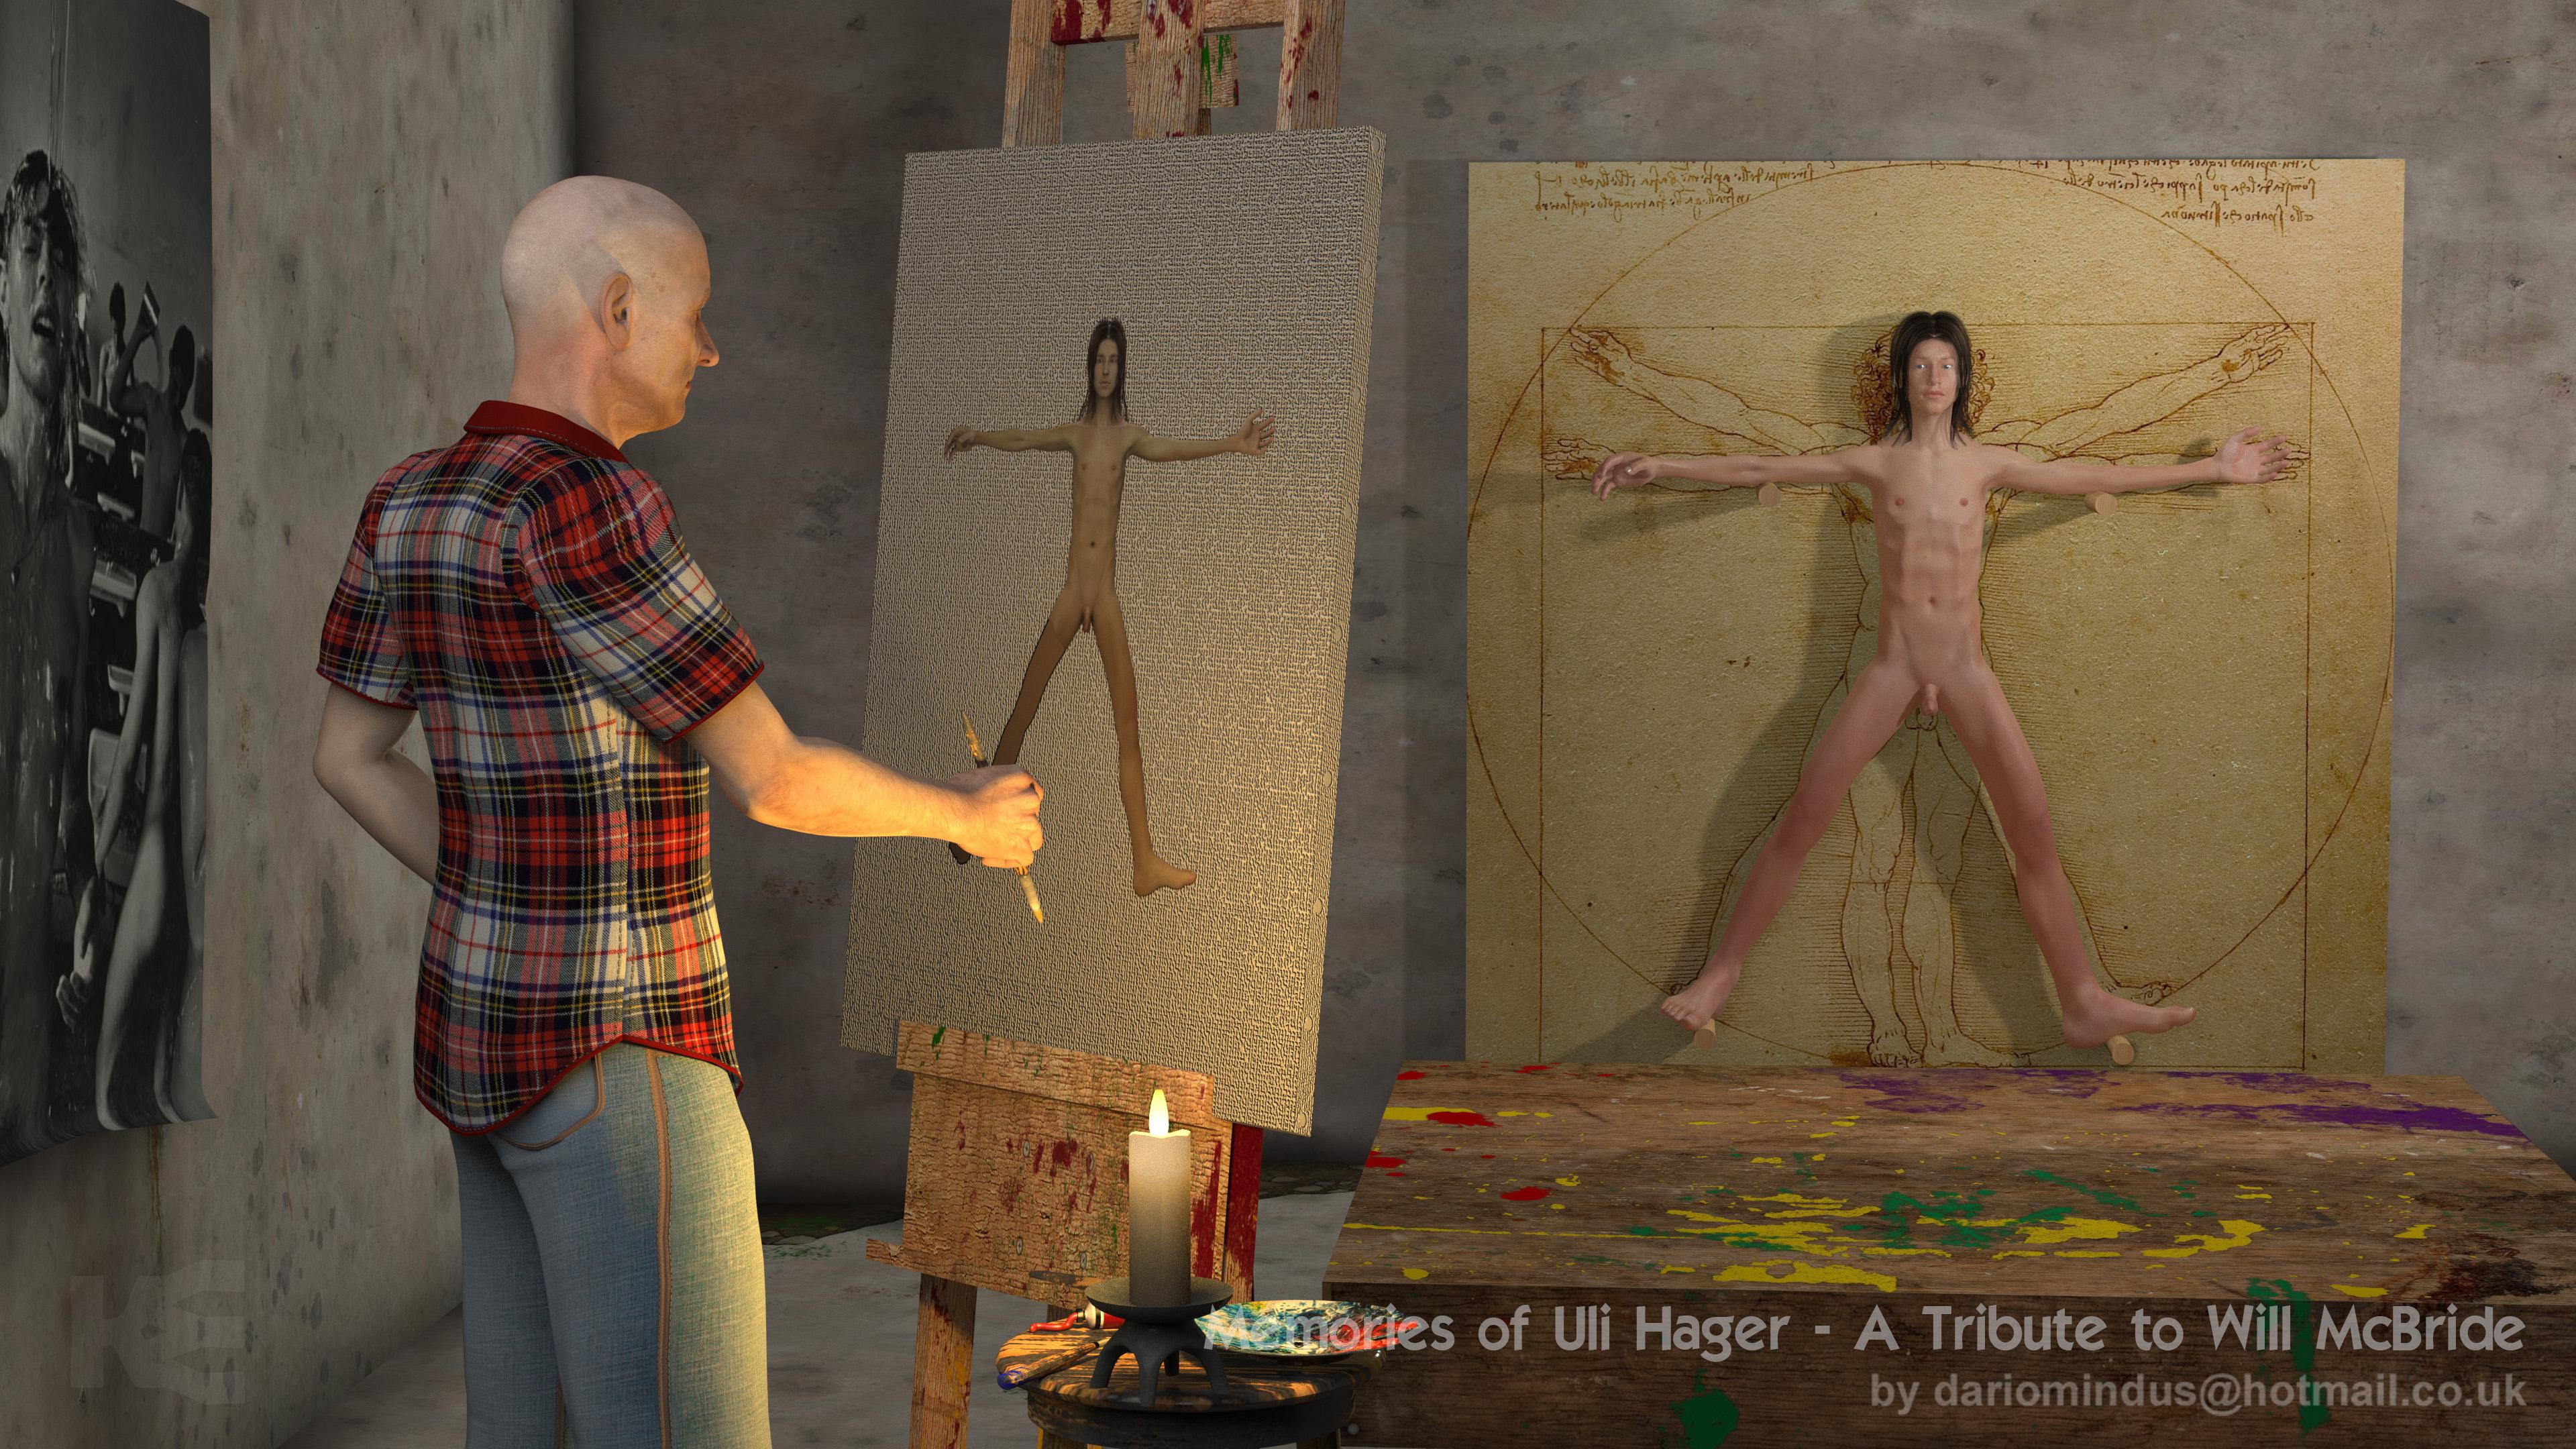 Classic art